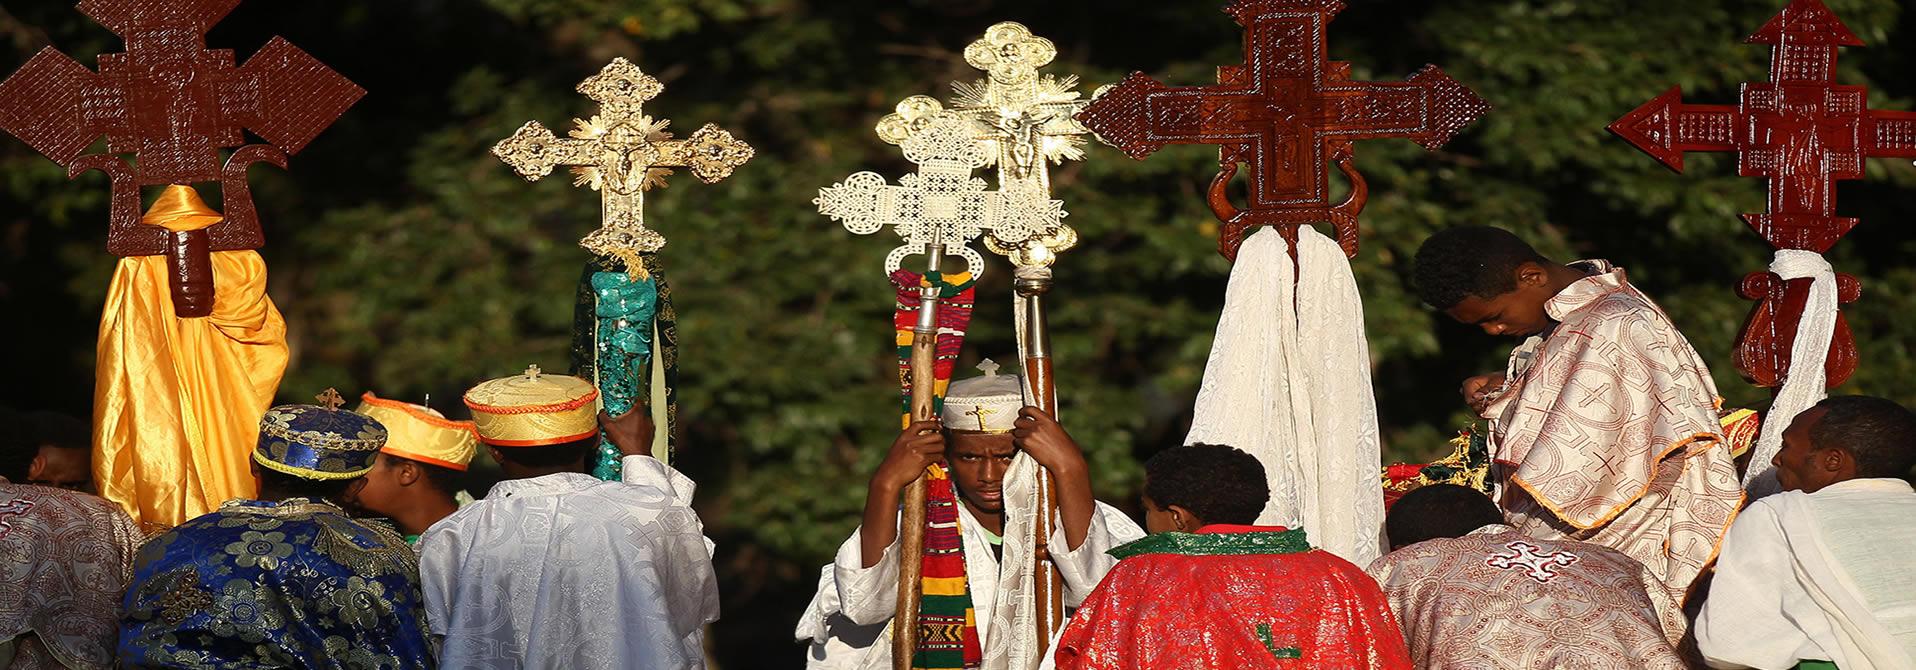 Festival Religioso-Visitas del Festival de Etiopía